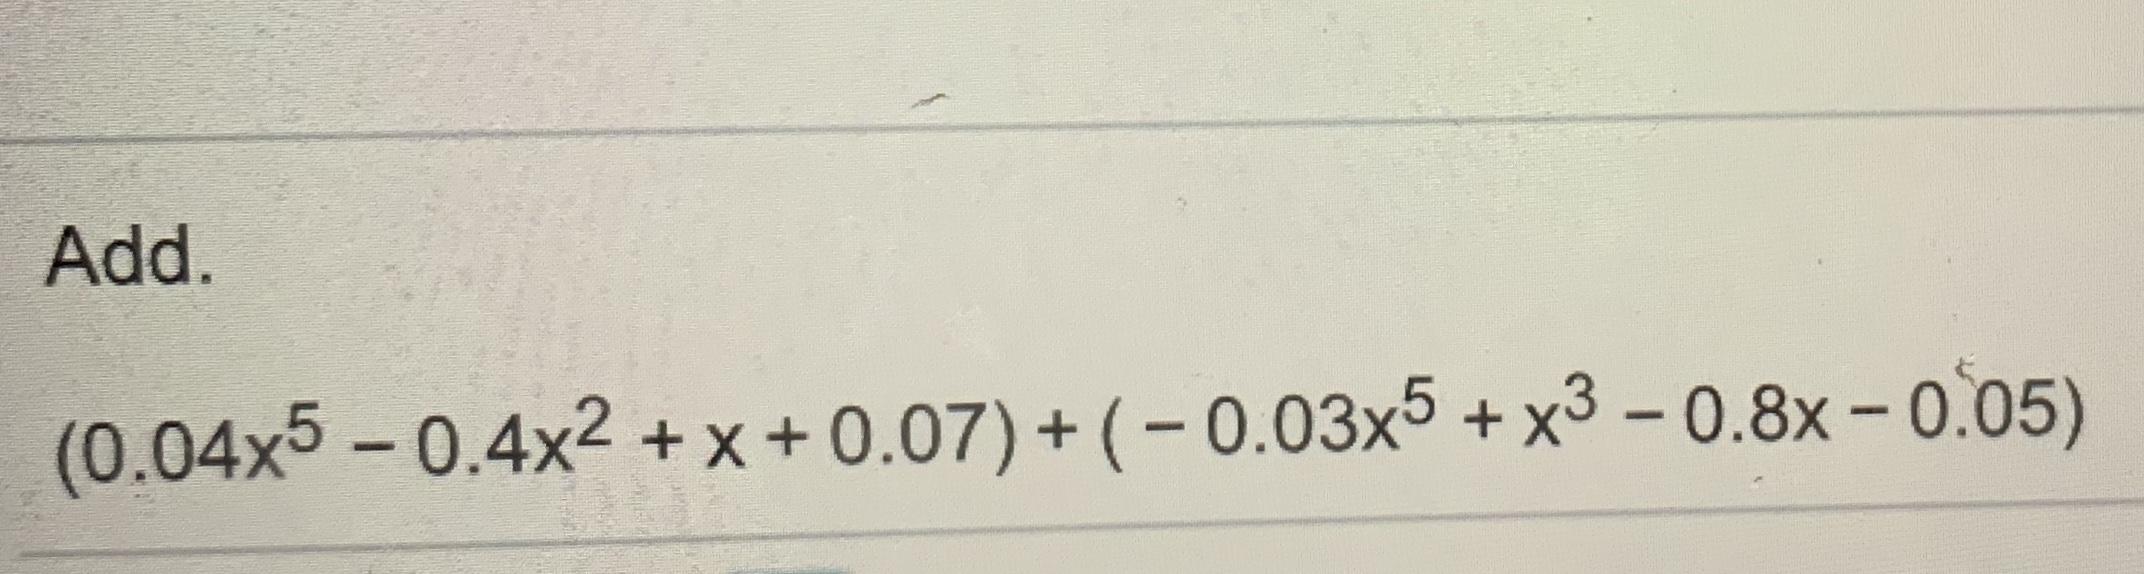 Add (0.04x5-0.4x2+x+0.07)+ (-0.03x5+x3-0.8x-005)